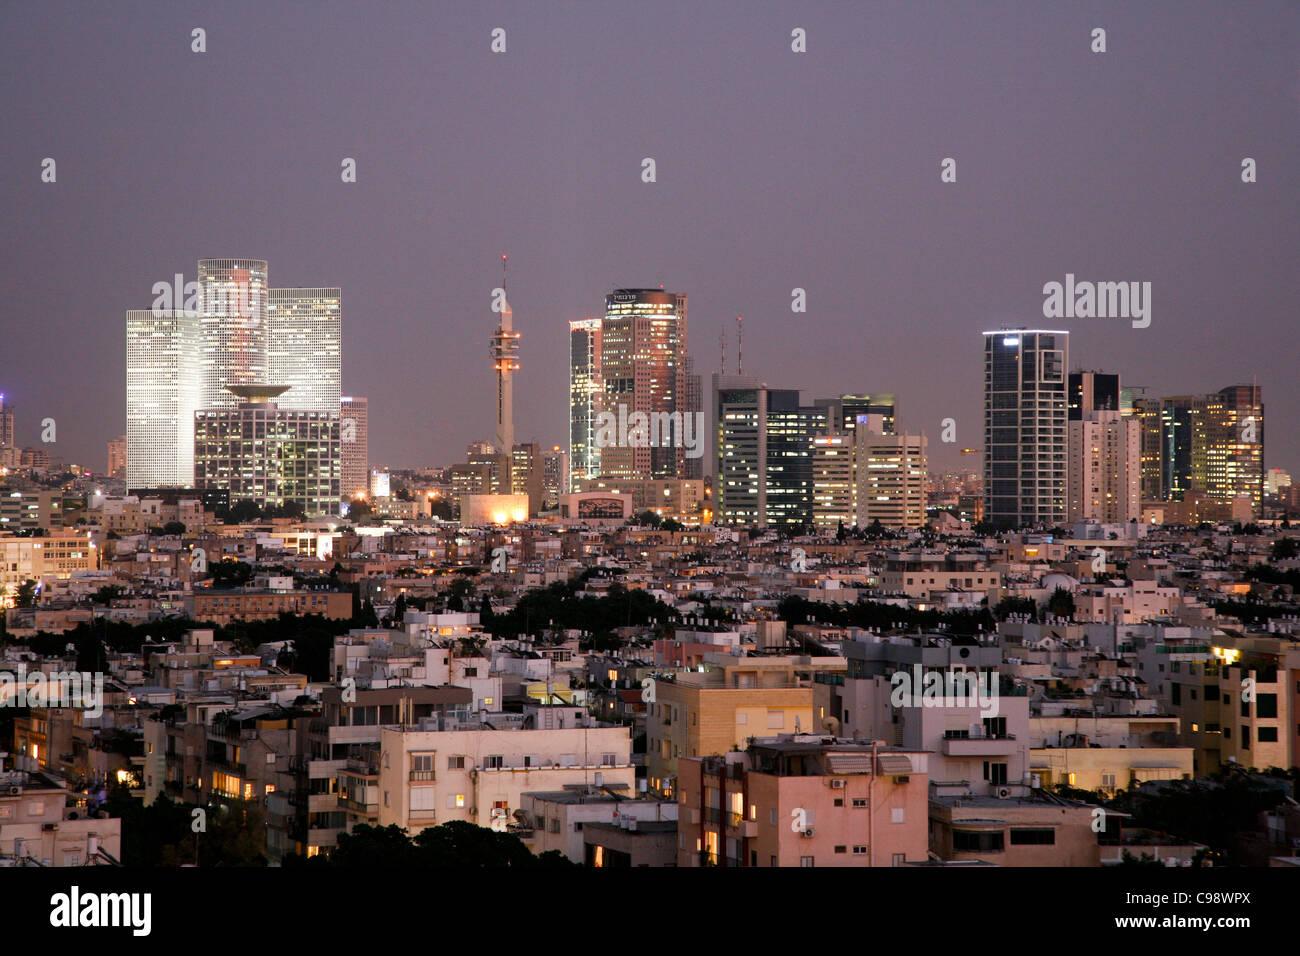 Vistas panorámicas de la ciudad de Tel Aviv, Israel. Imagen De Stock